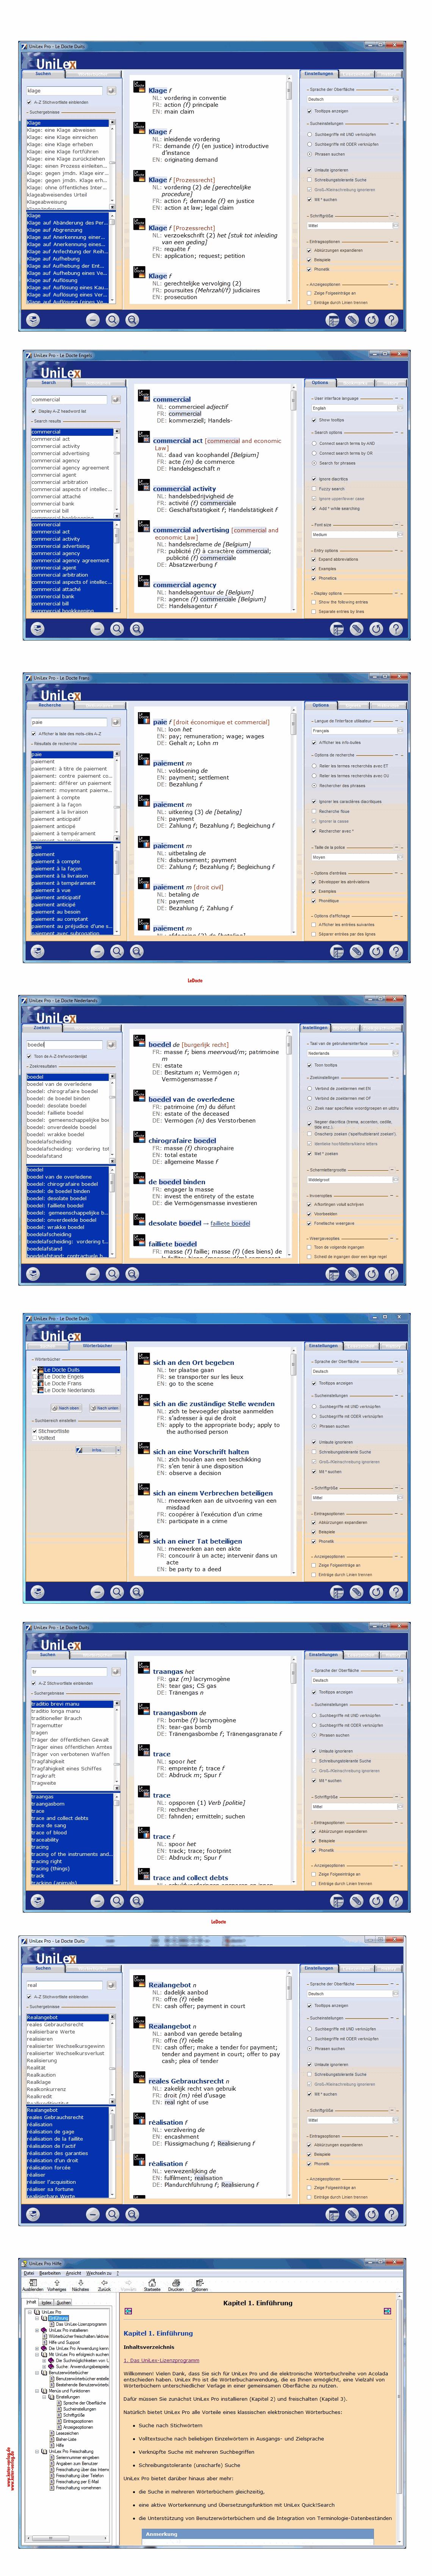 Le Docte: Juristisches Wörterbuch NL, FR, DE, EN DOWNLOAD